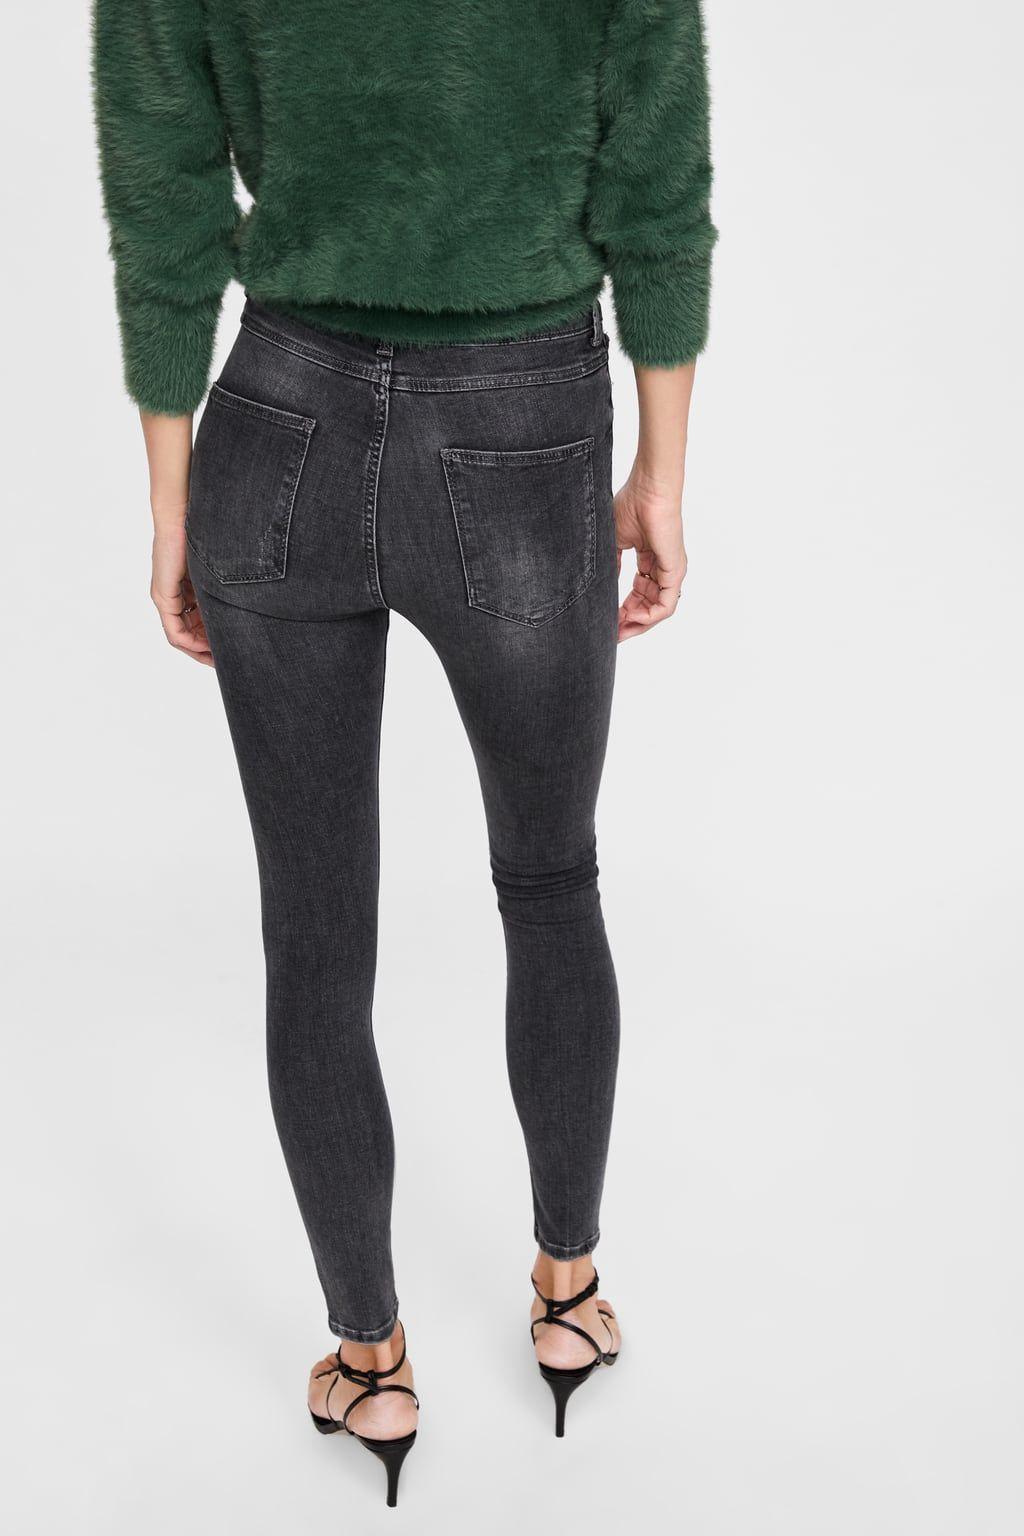 40d8f655 Jeans zw premium high waist skinny powder grey   wishlist.   Skinny ...